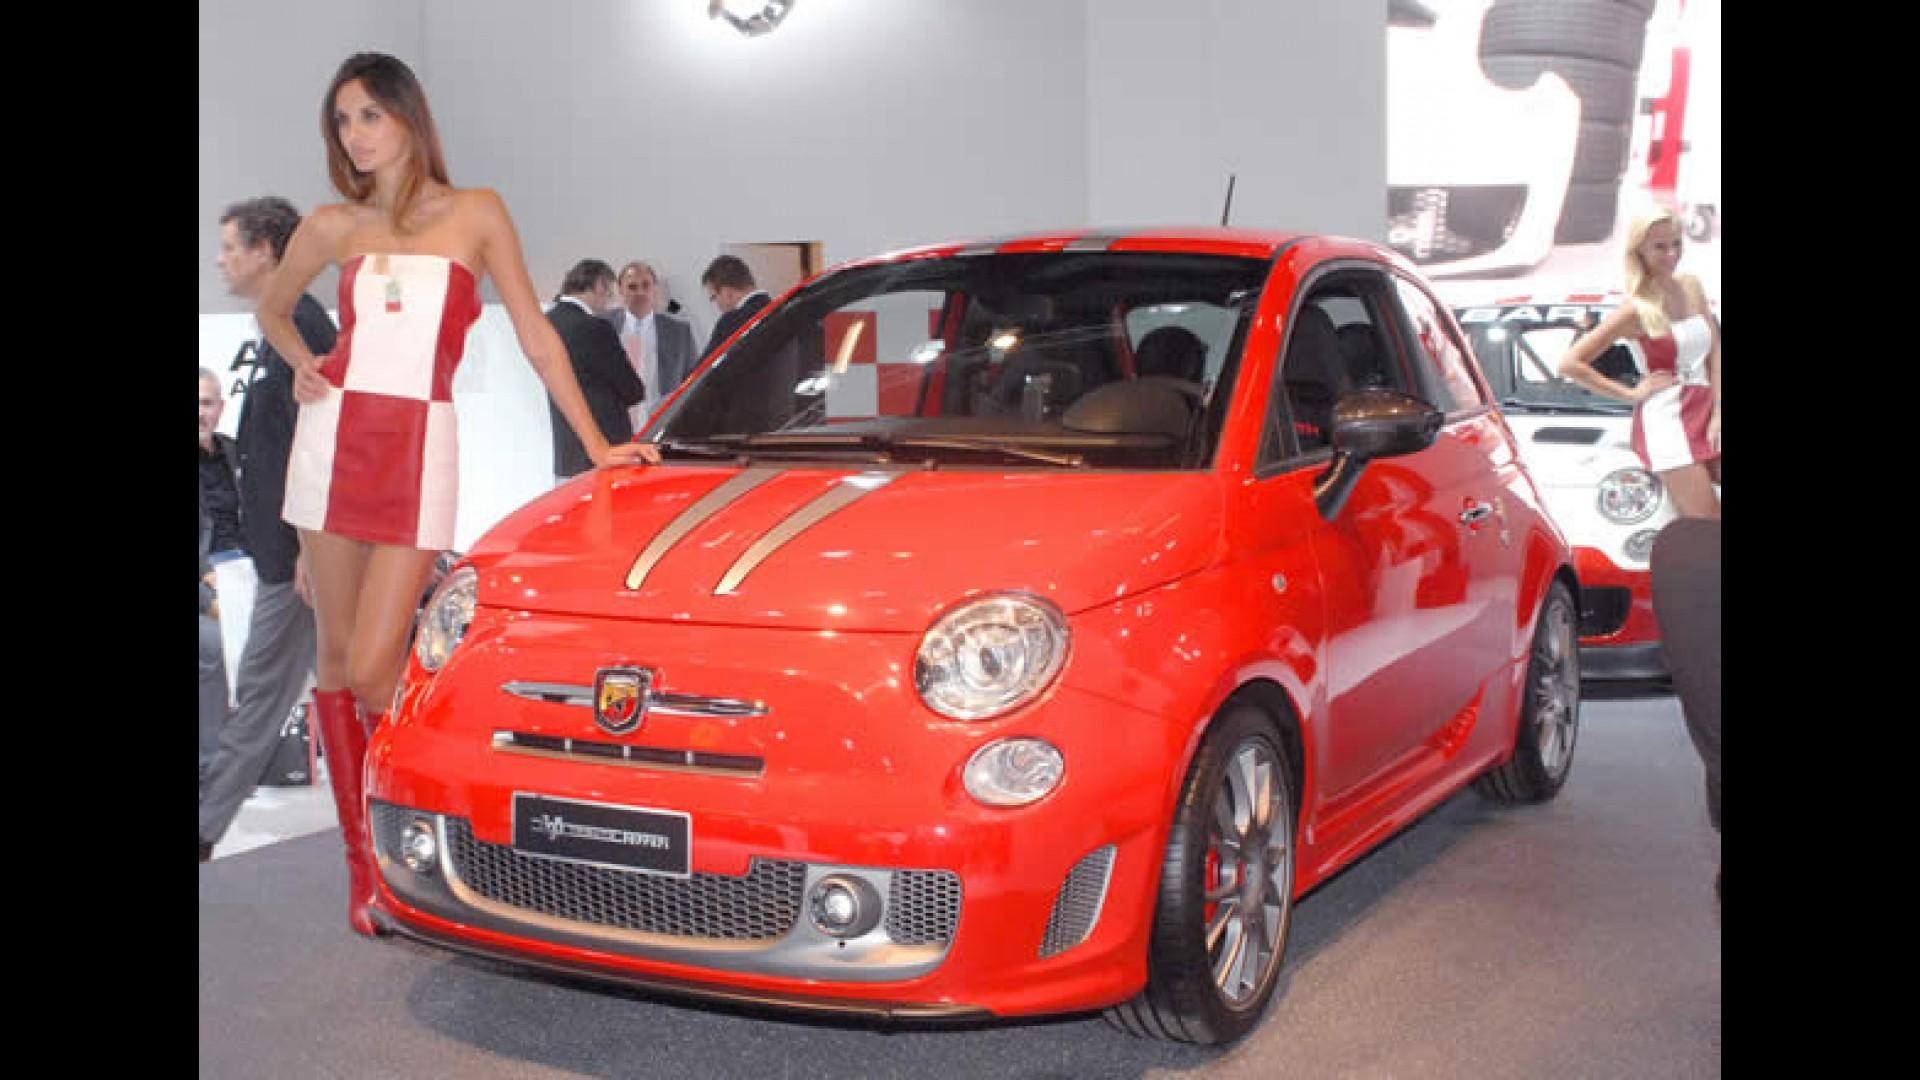 Fiat 500 Abarth 695 Tributo Ferrari Esportivo Custa R 83 Mil No Reino Unido